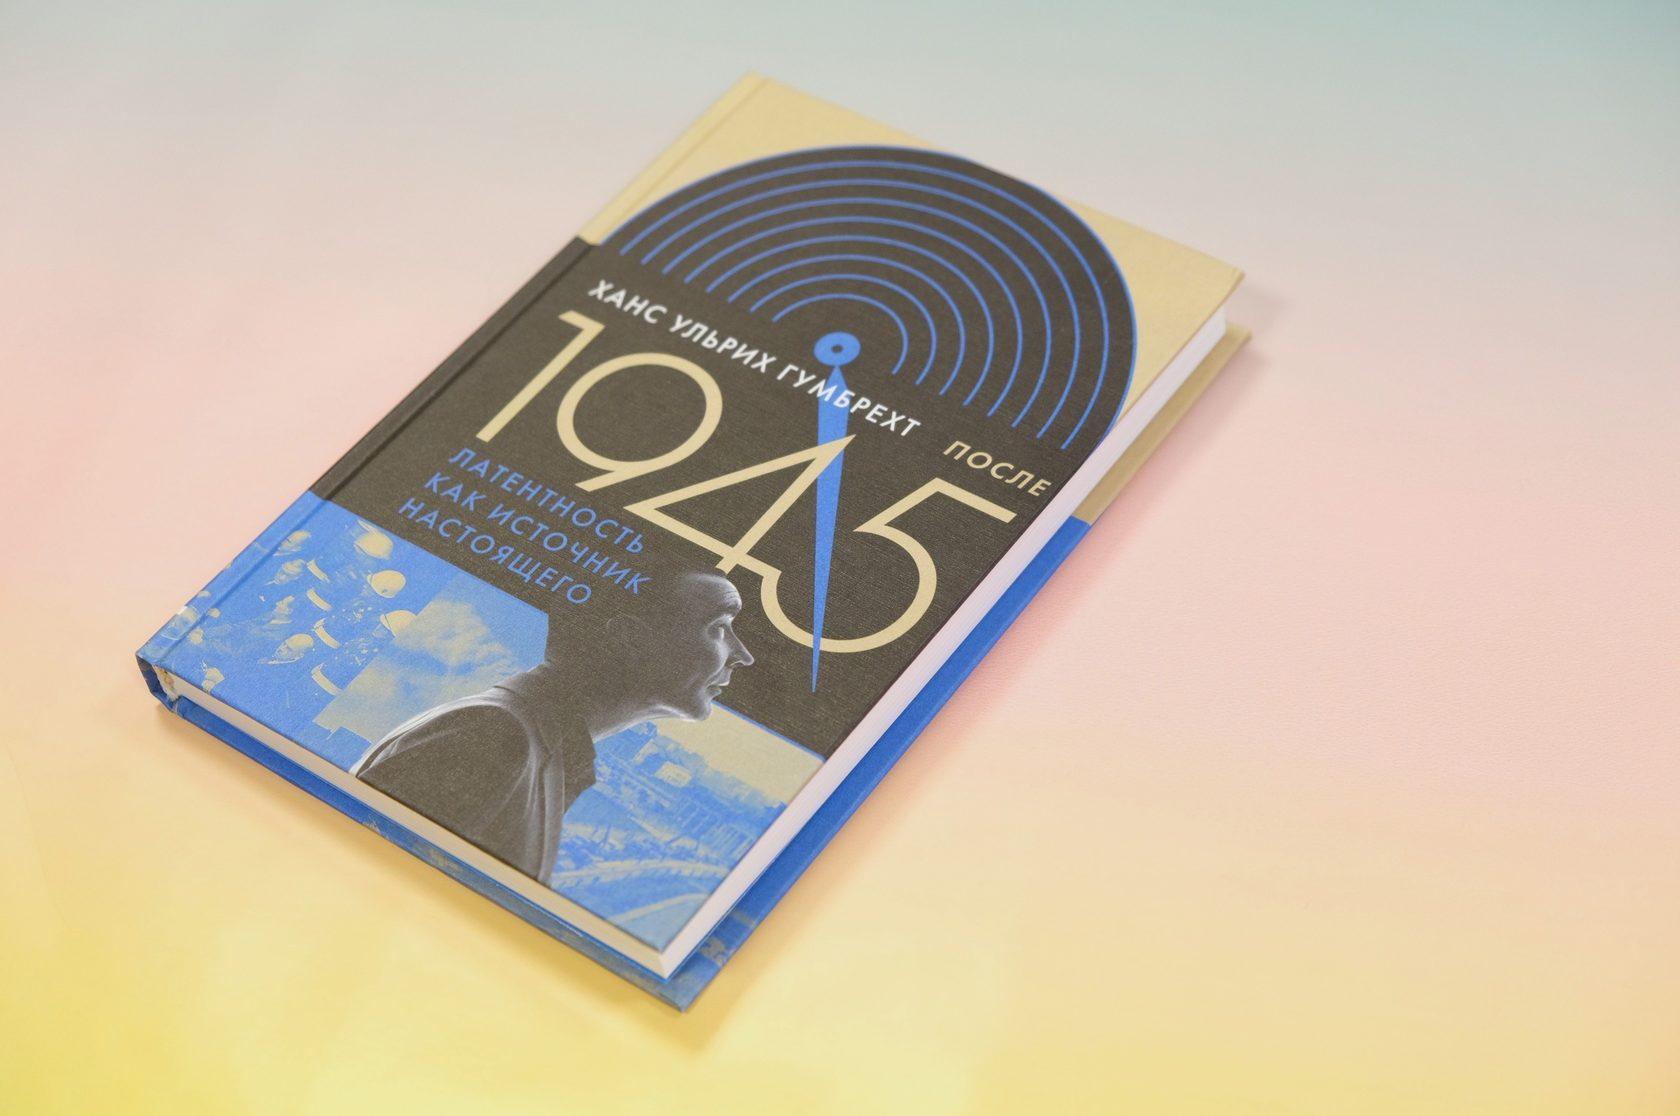 Ханс Ульрих Гумбрехт «После 1945. Латентность как источник настоящего»